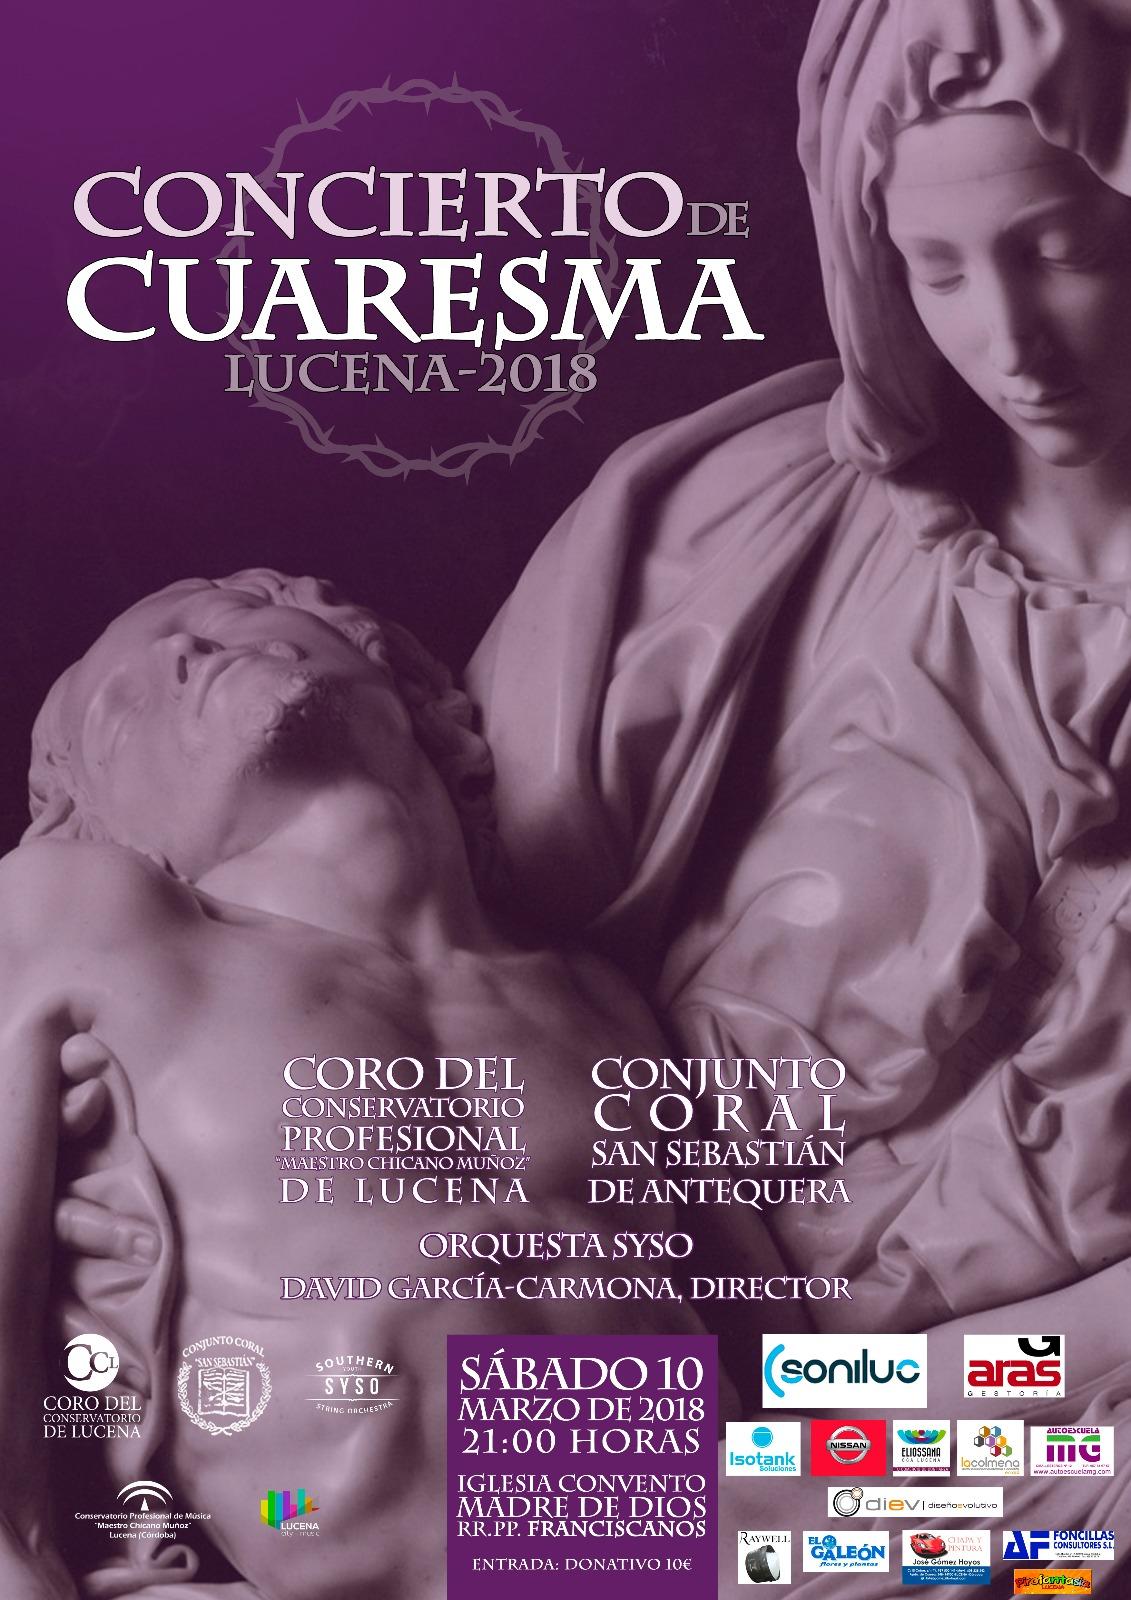 Concierto de Cuaresma @ Iglesia de los Padres Franciscanos